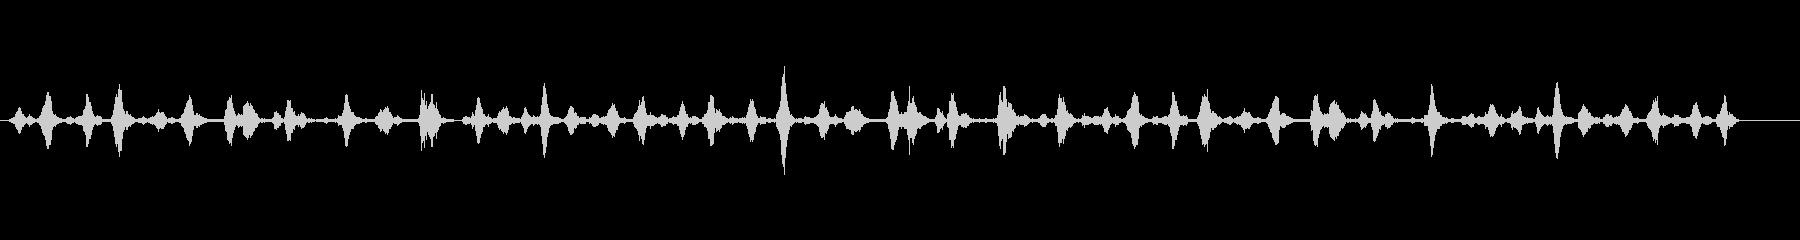 カリカリカリ(機械的で繊細な効果音)の未再生の波形